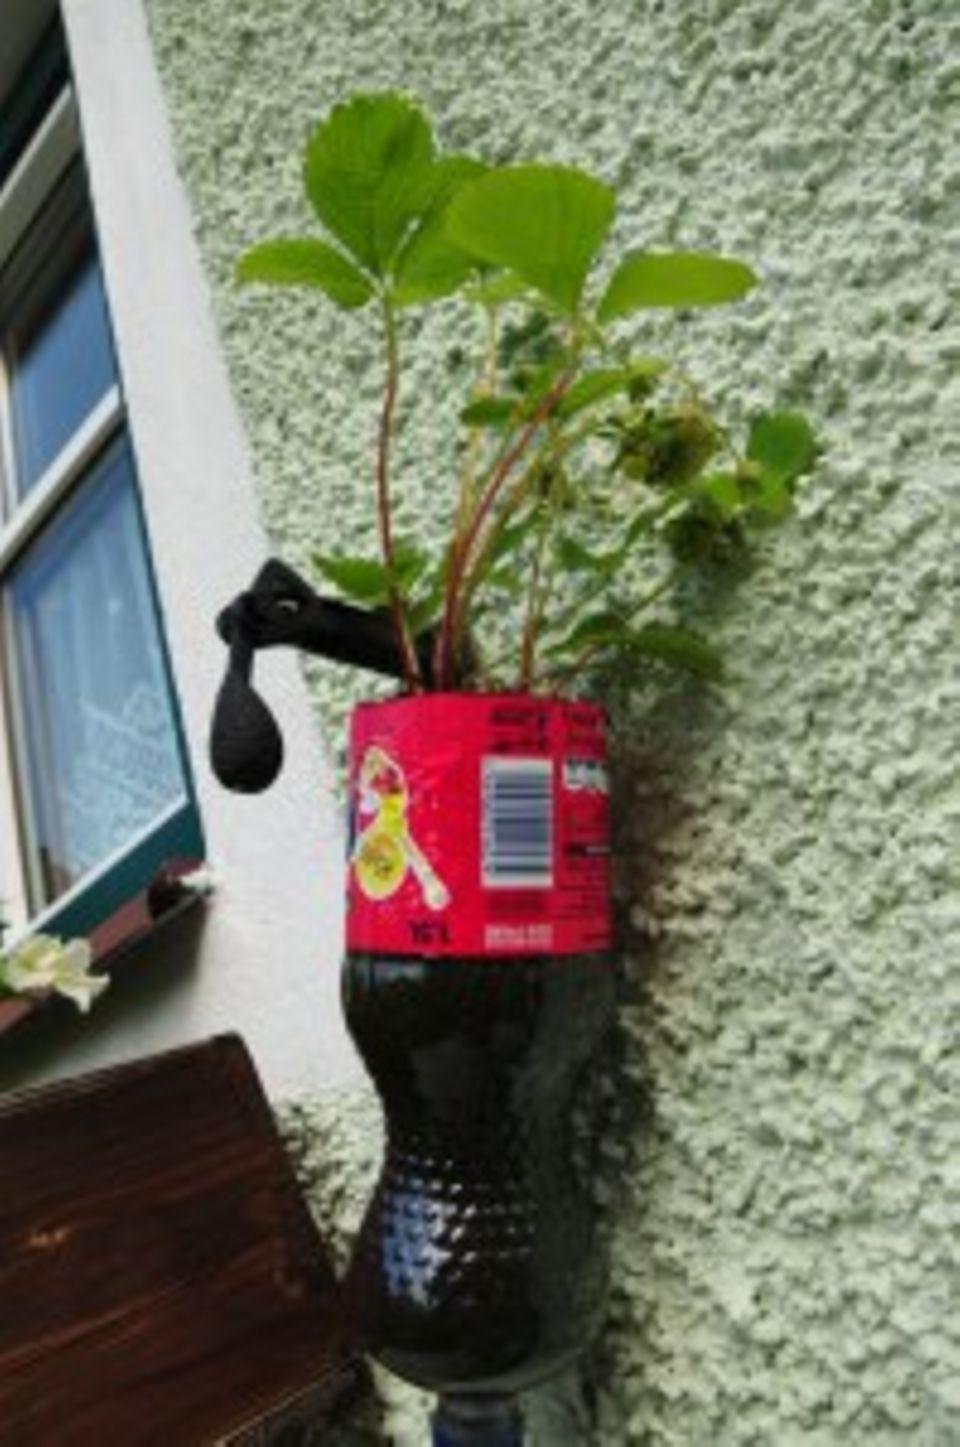 Gutes aus dem Küchengarten: Versuch, Erdbeeren in Plastikflaschen zu ziehen. Sie wurden an die Seiten der Fenster gehängt.